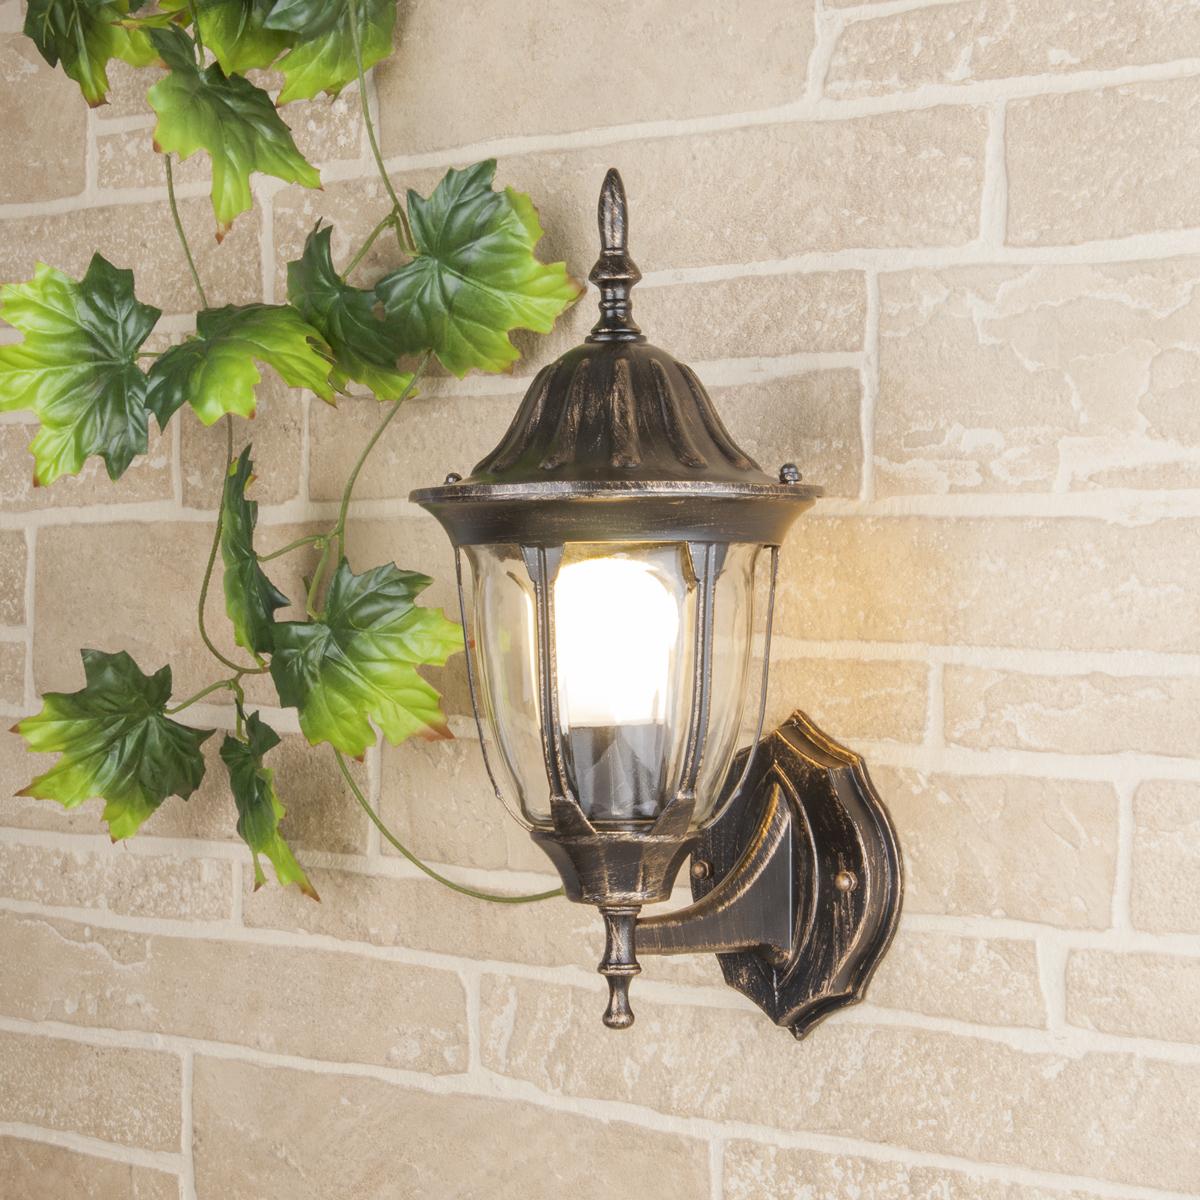 Садовое освещение Elektrostandard a033706, E27 садово парковый светильник elektrostandard virgo f 2 черное золото 4690389064883